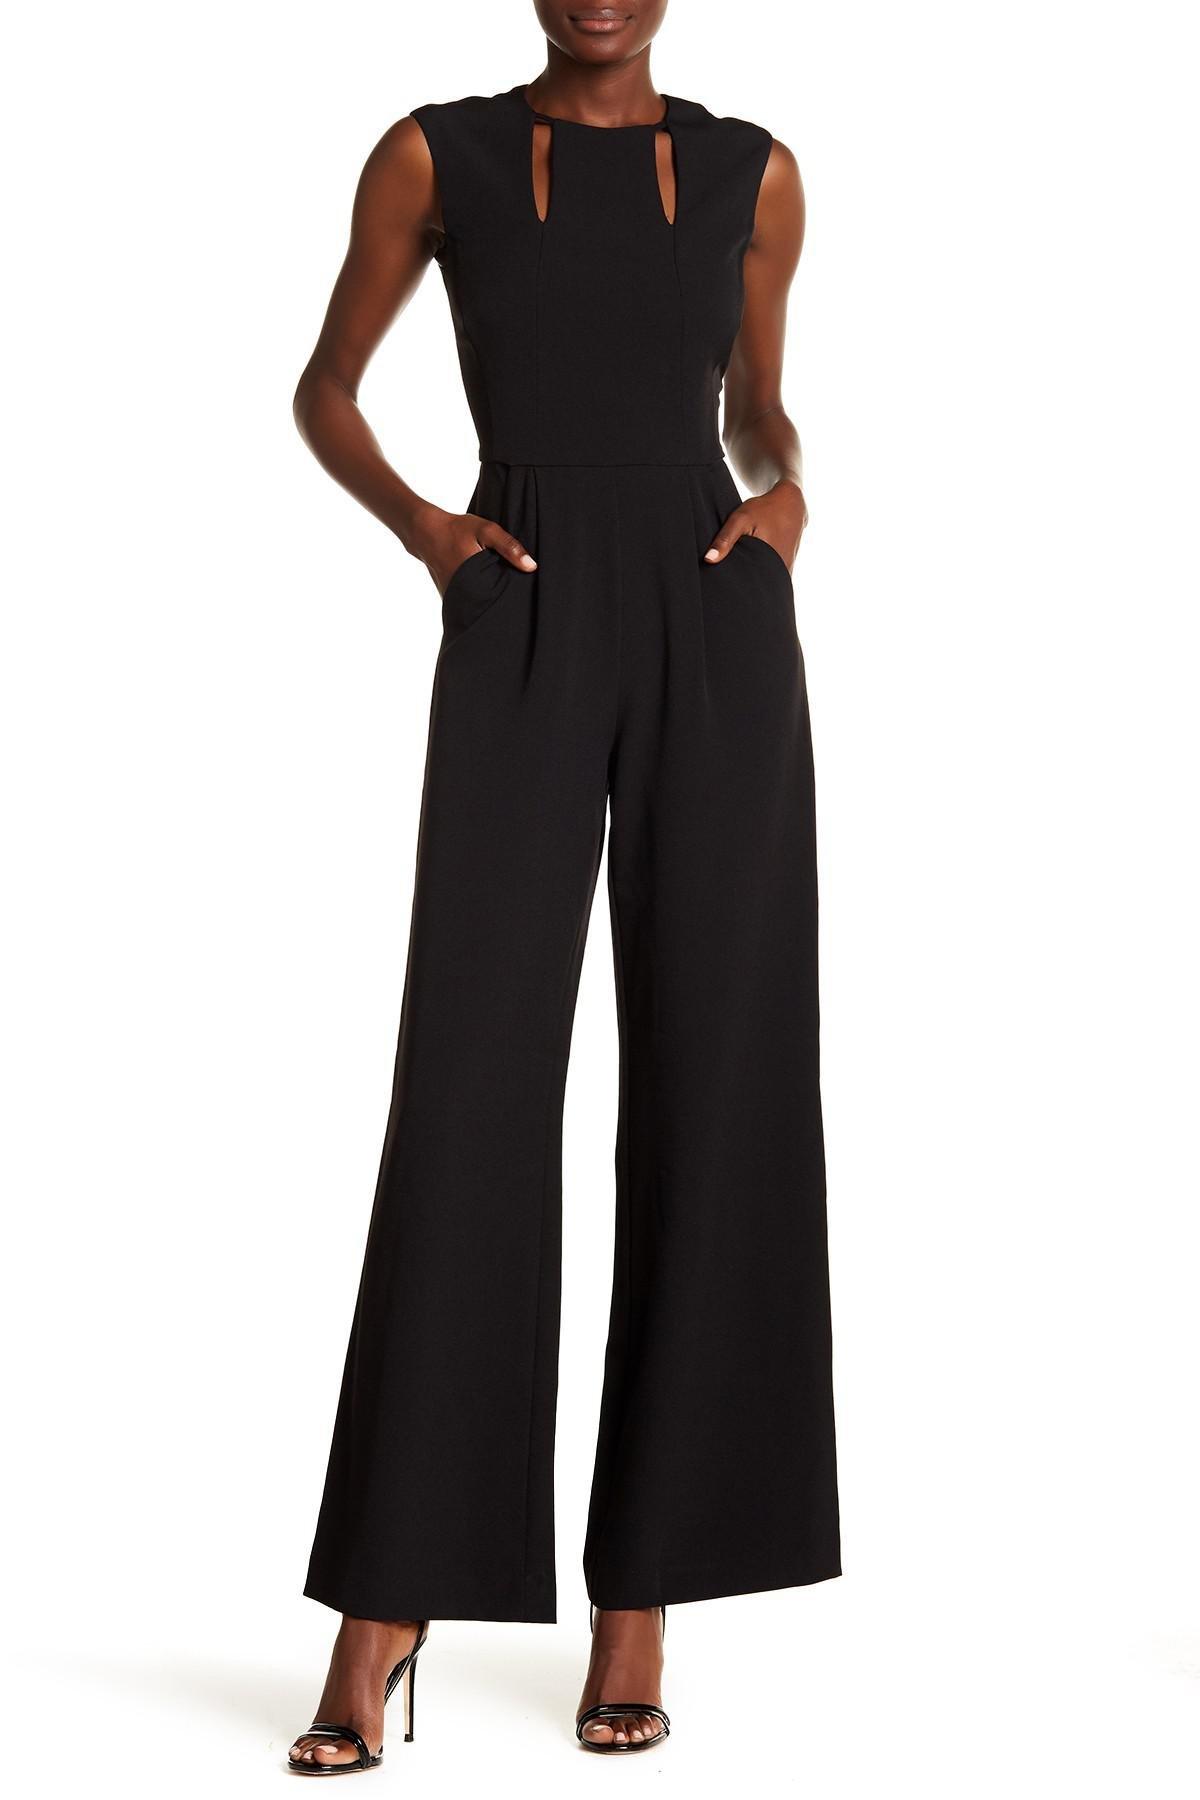 2f819e53398a Lyst - Tahari Cutout Bust Sleeveless Jumpsuit in Black